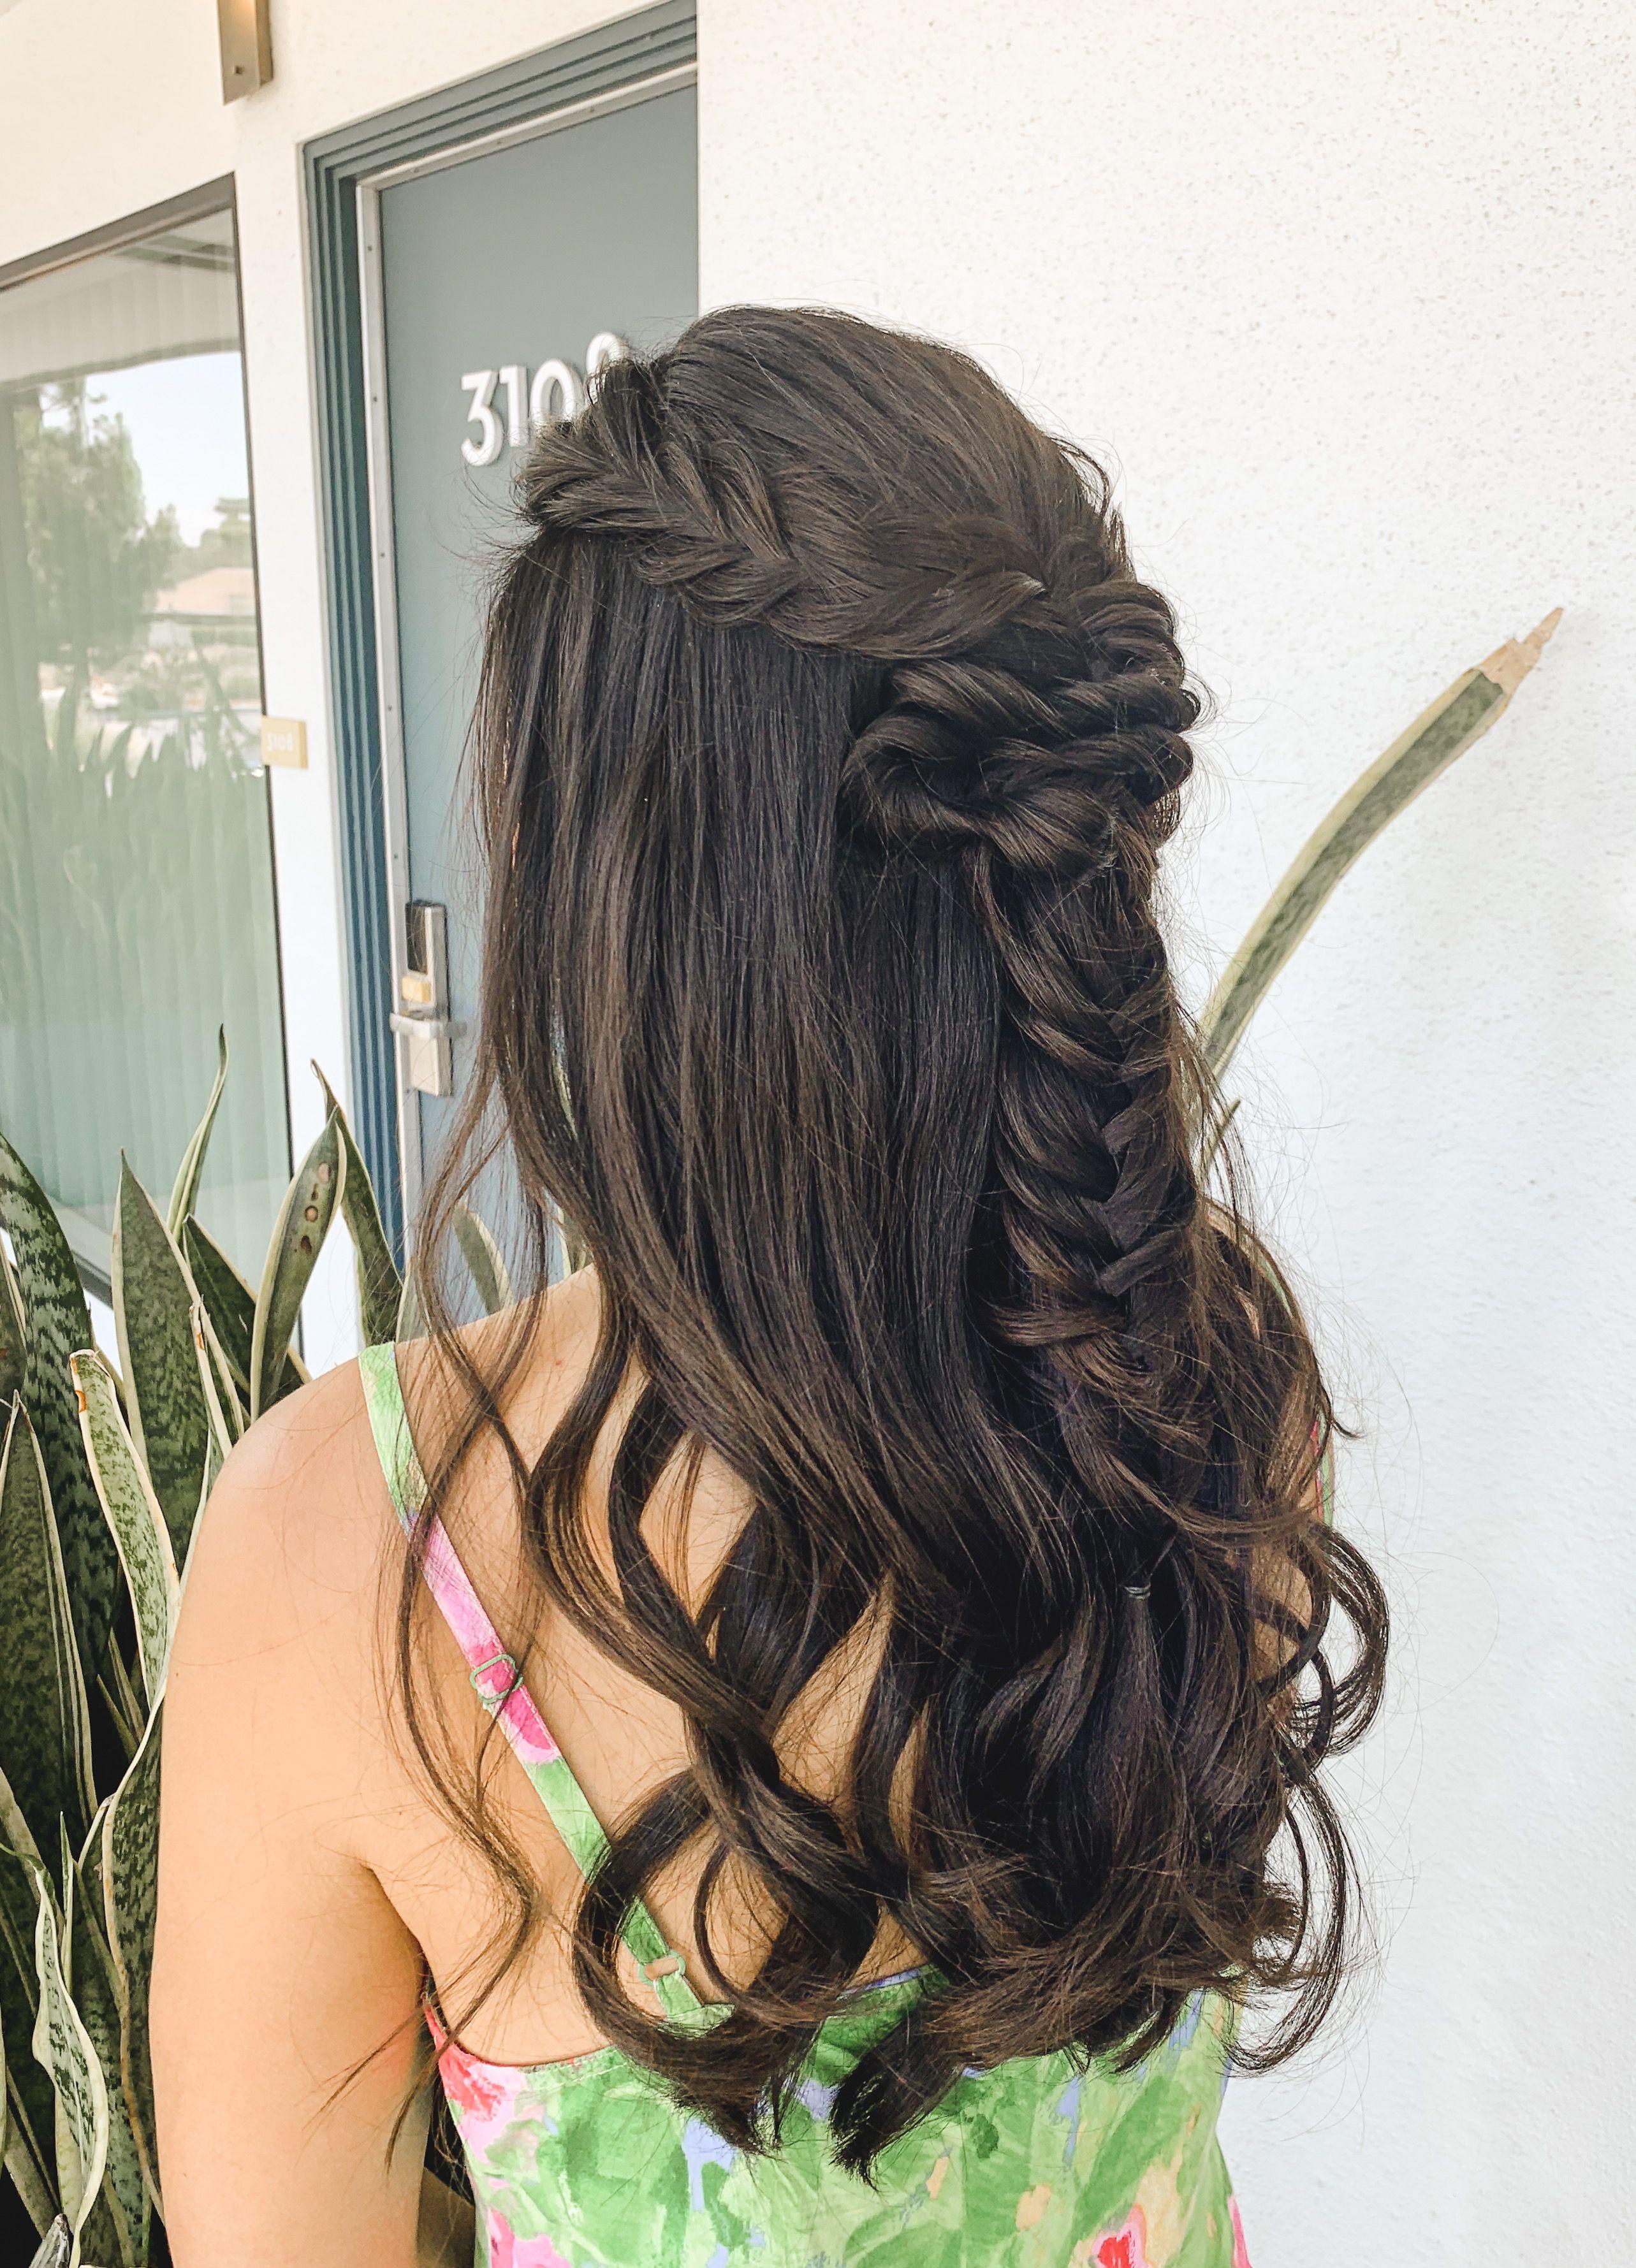 san diego bridal hairstylist | styled by jordan in 2019